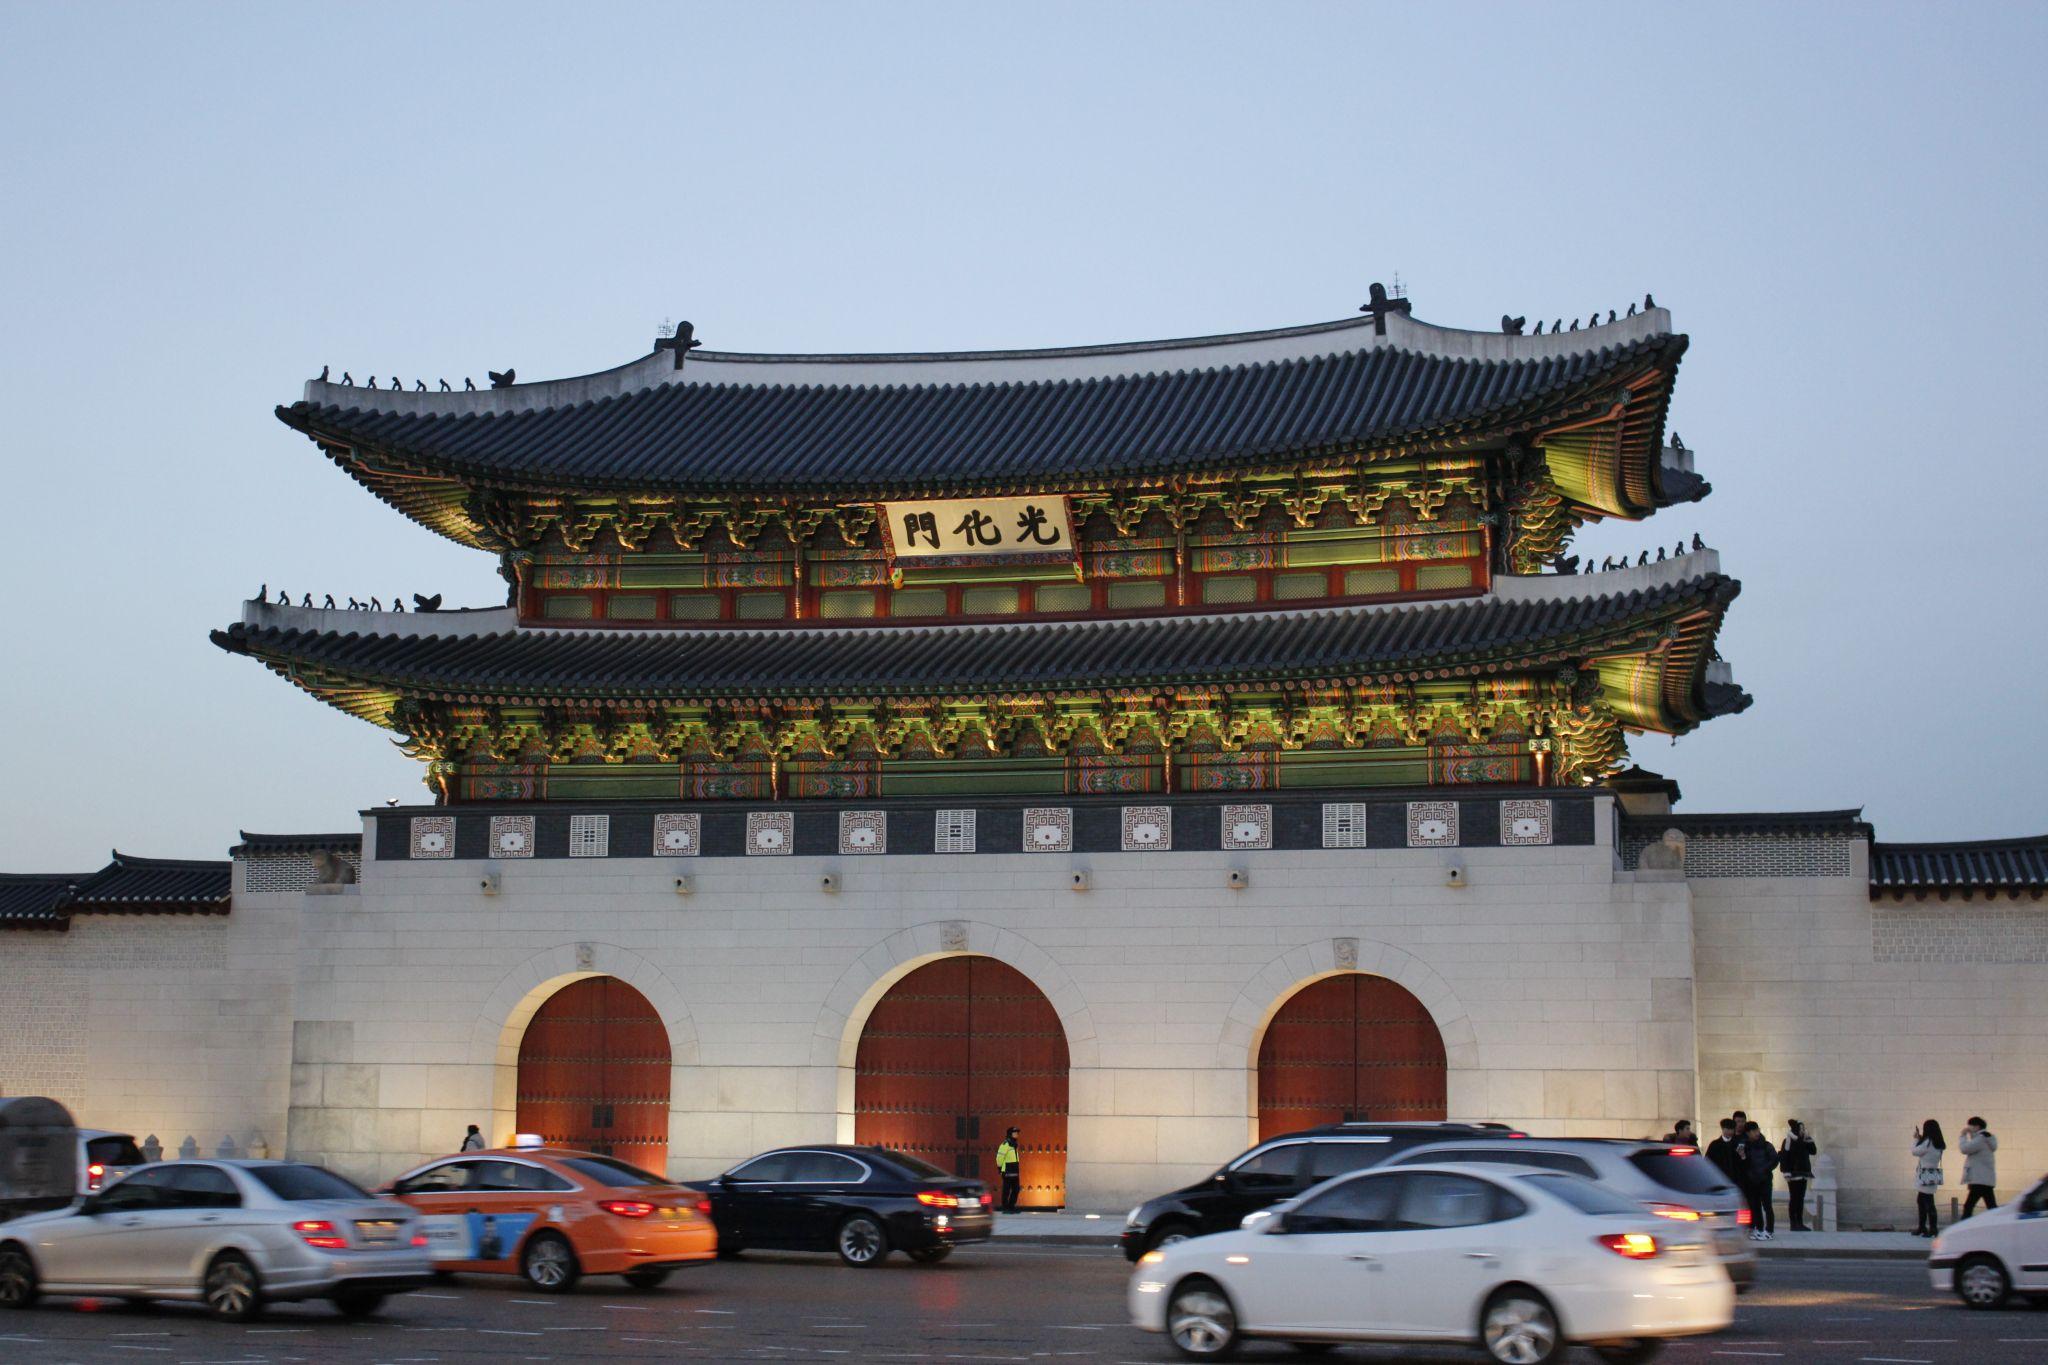 Gwanghwamun Gate, Korea